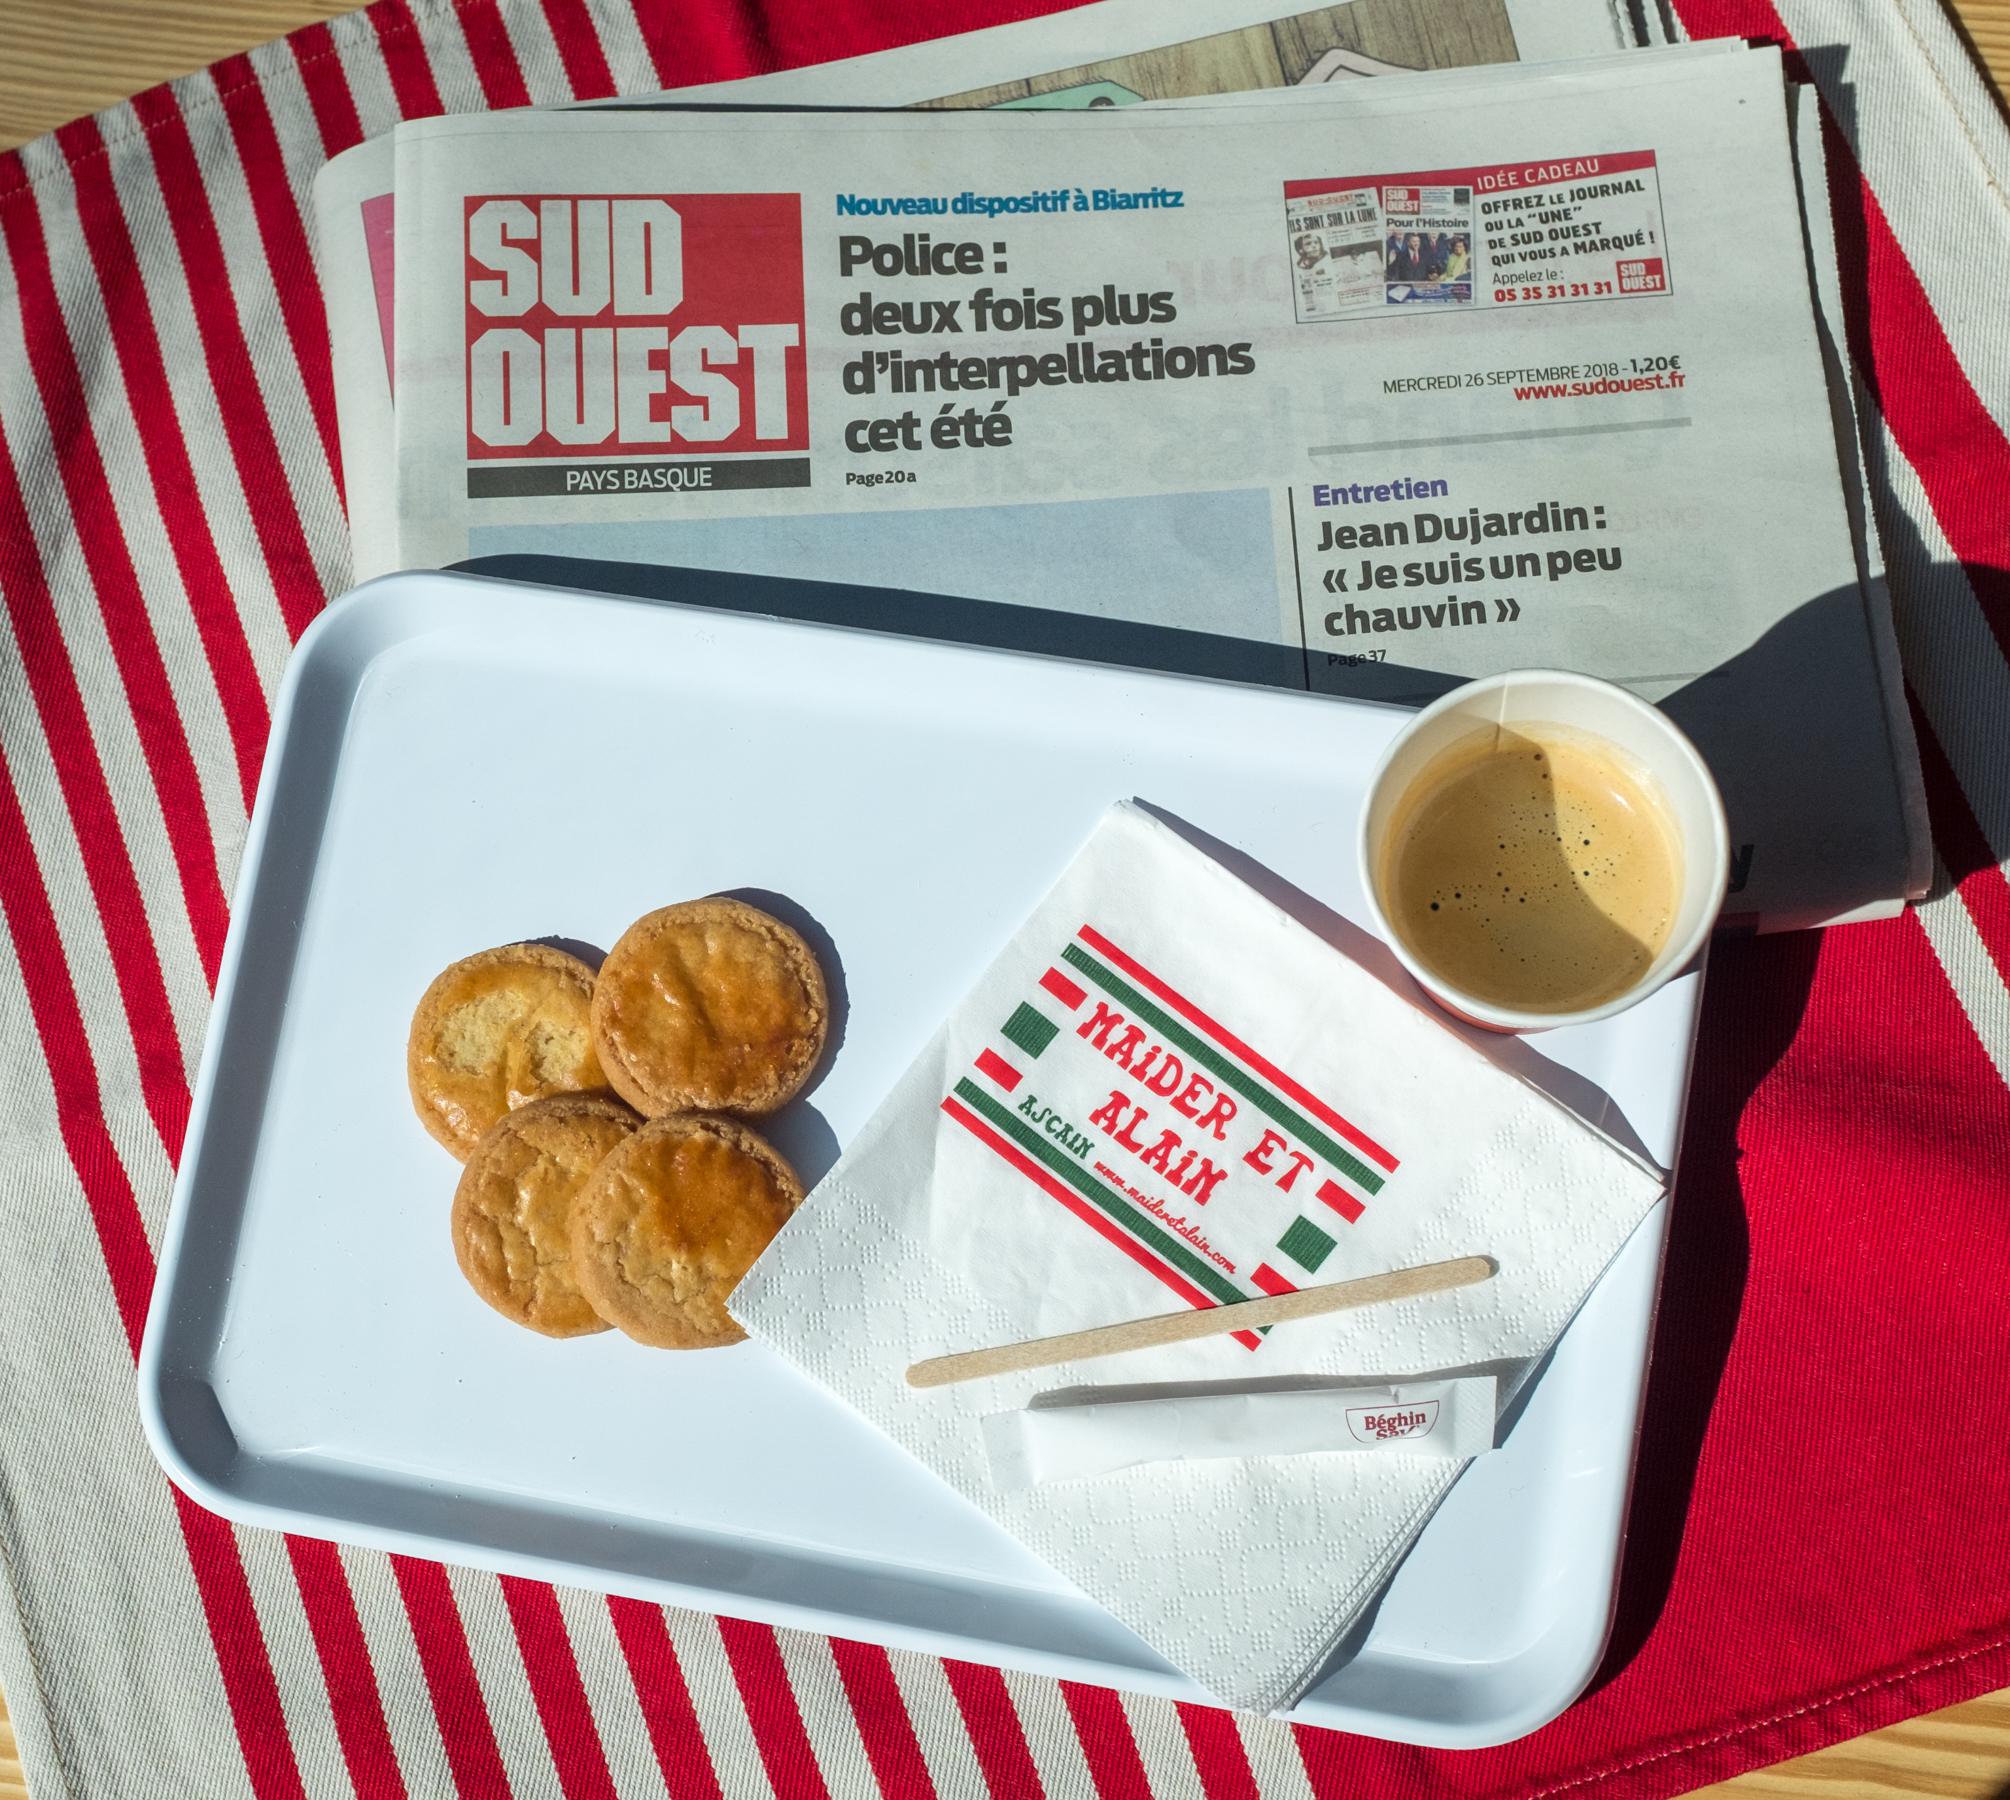 Café, viennoiserie et Sud-ouest